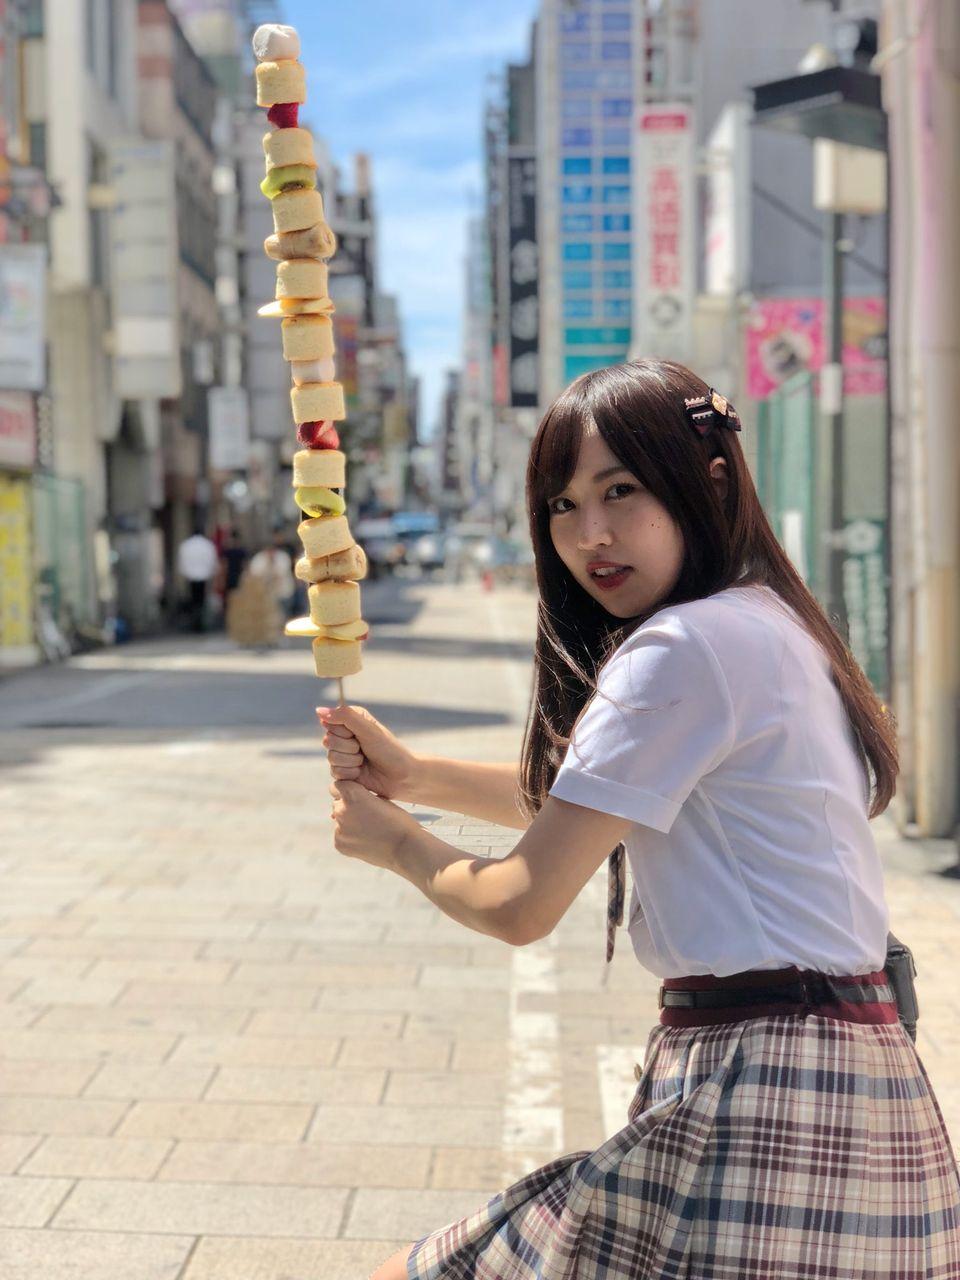 NMB48 卒業発表した古賀成美さん、めちゃくちゃ弄られるwww